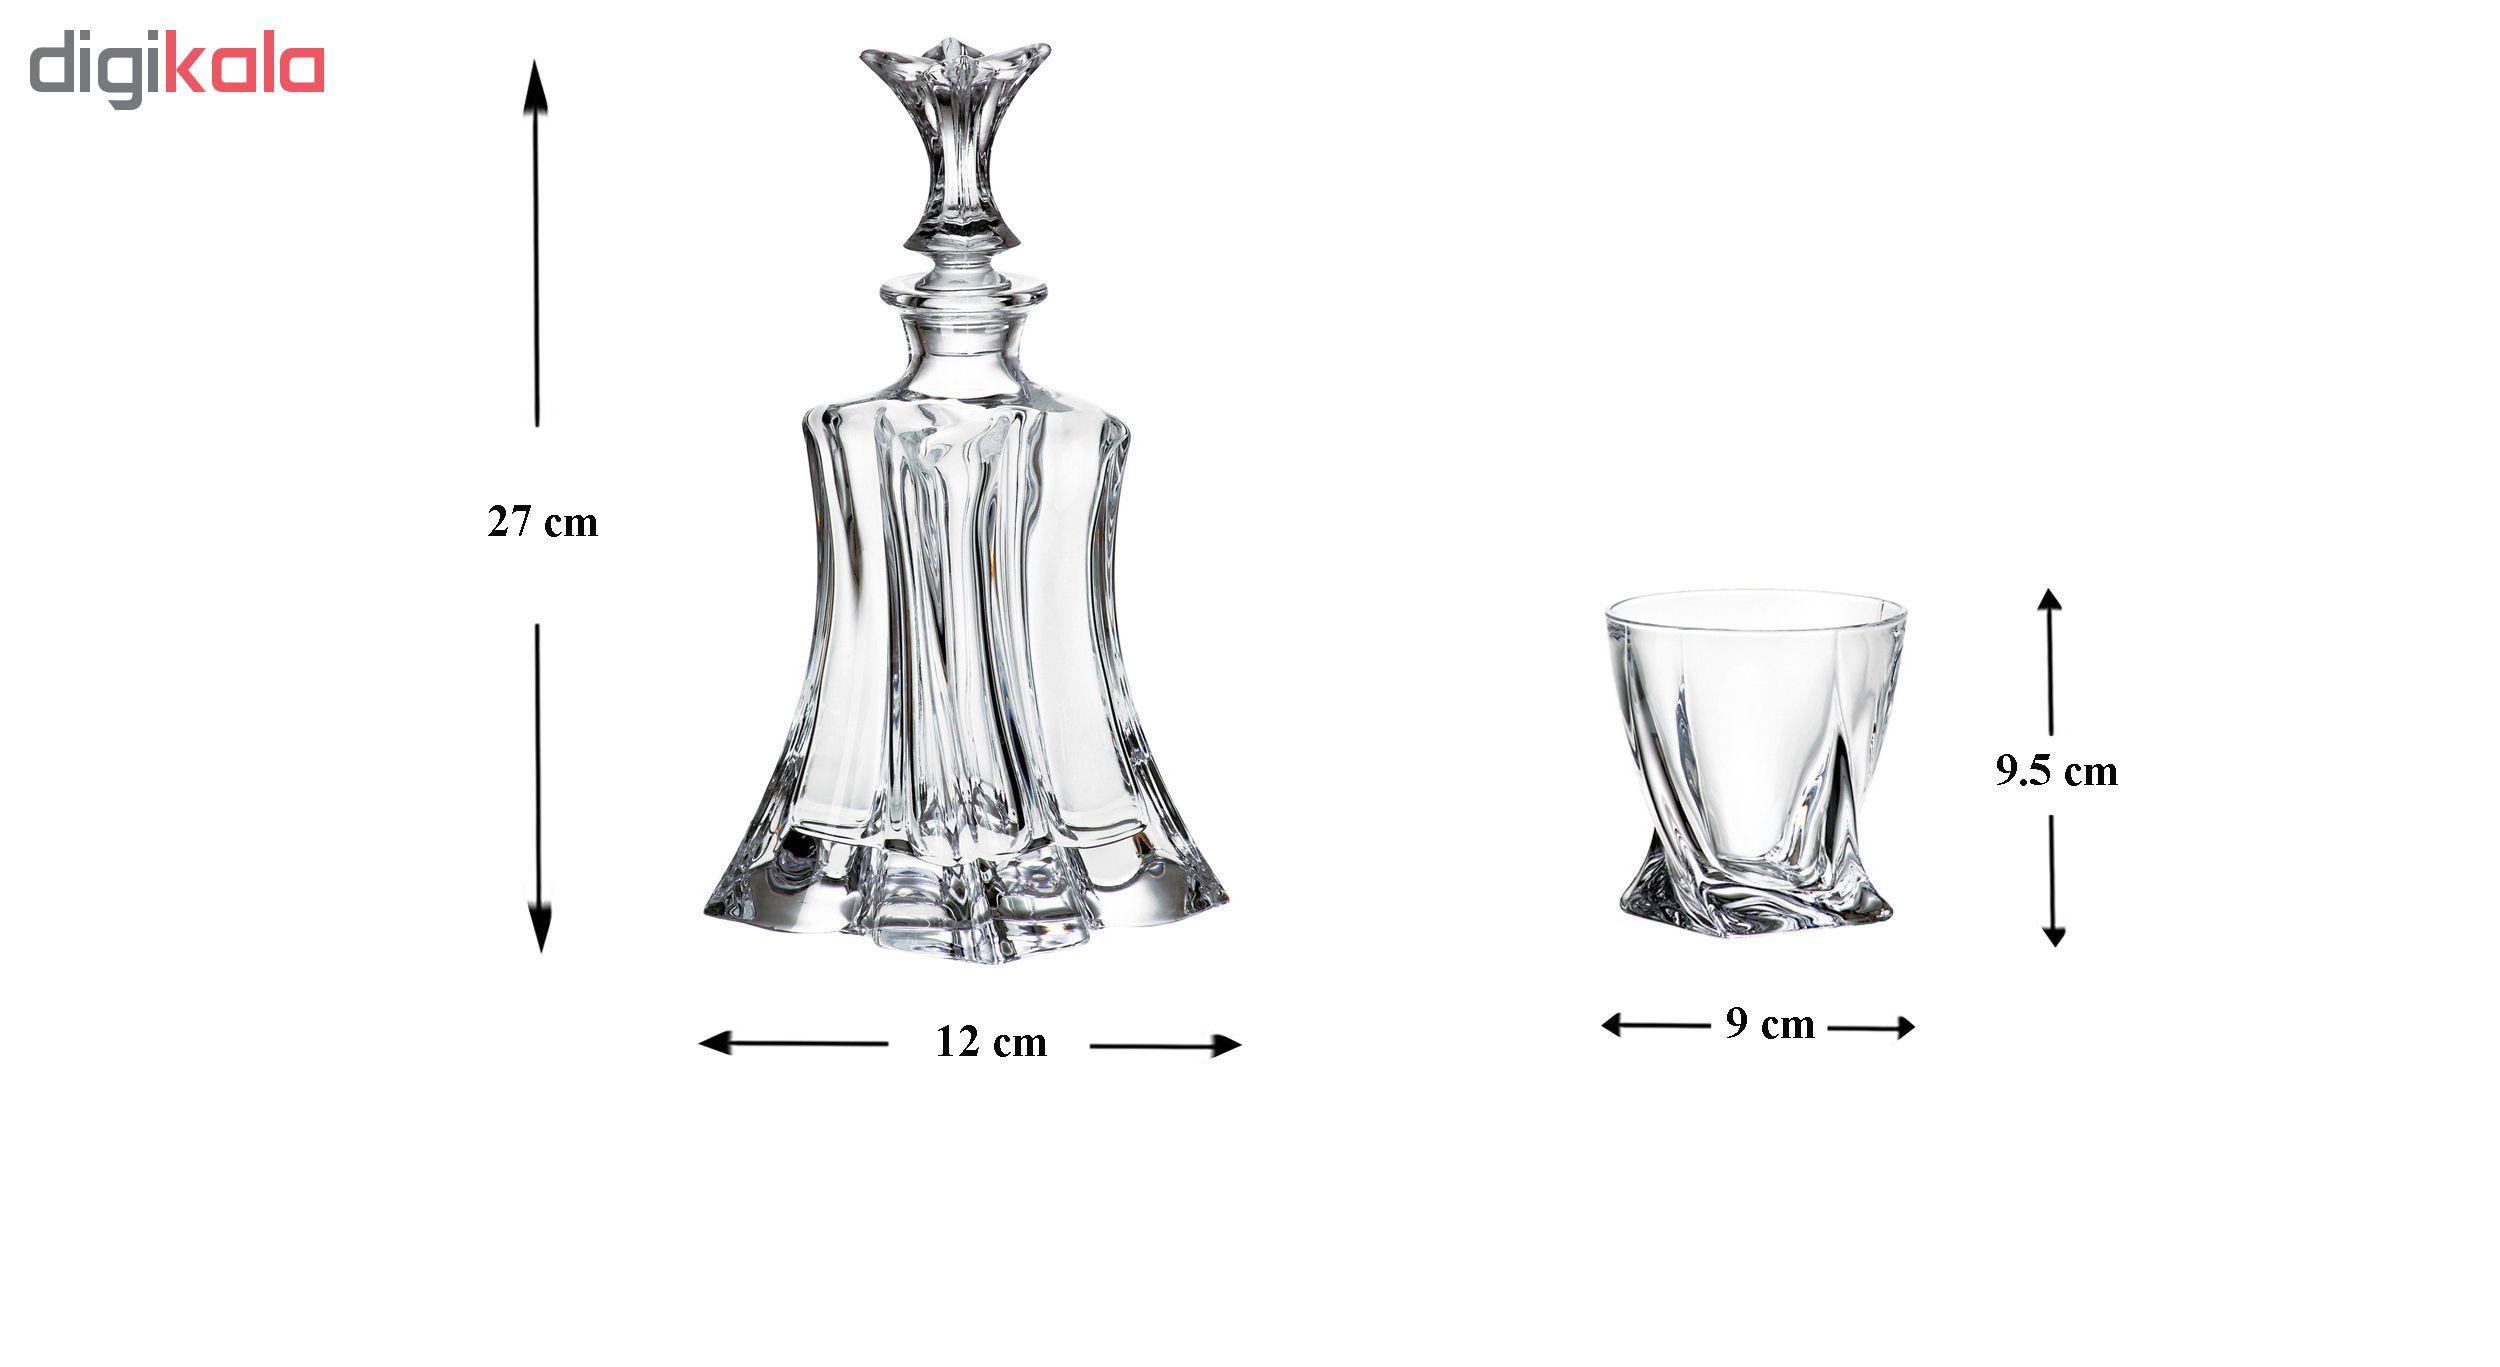 ست تنگ و لیوان 7 پارچه بوهمیا مدل Florale کد 4293